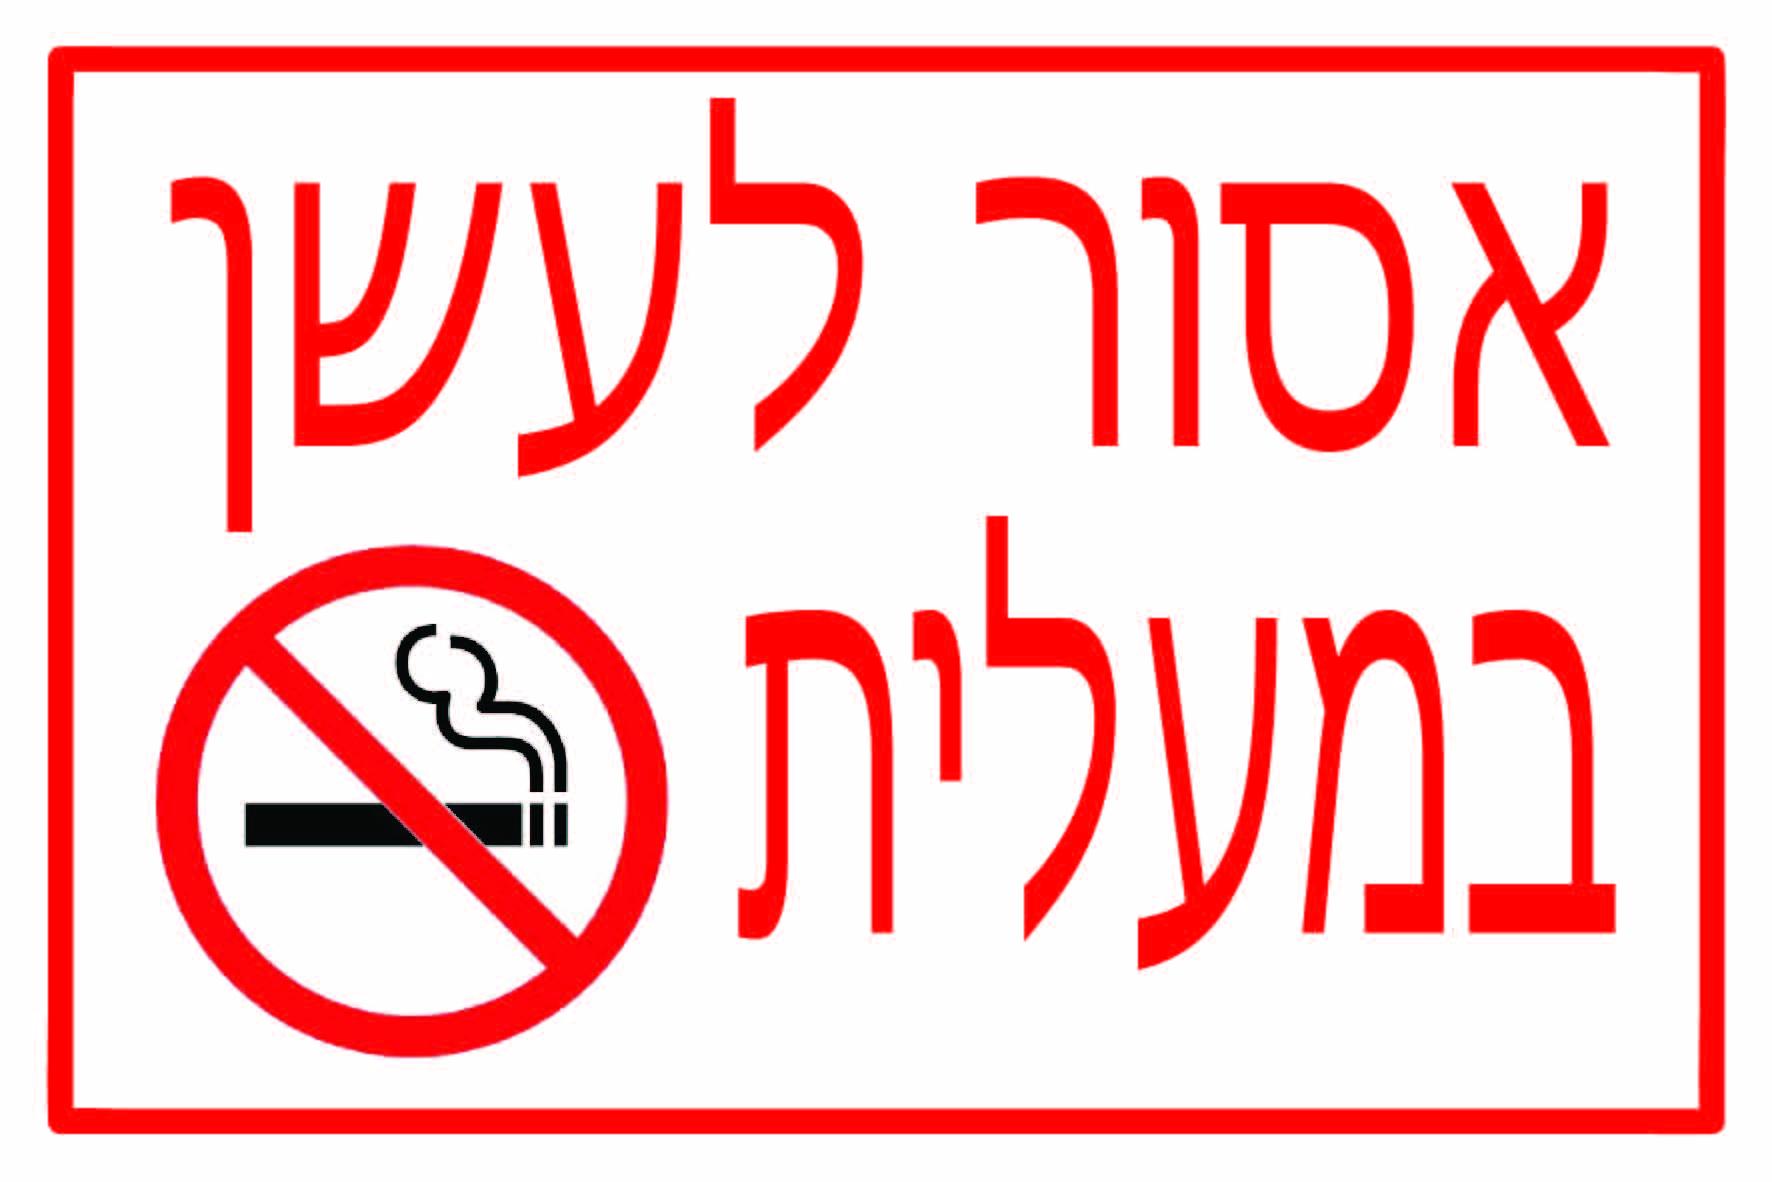 אסור לעשן במעלית גדלים לפי דרישה